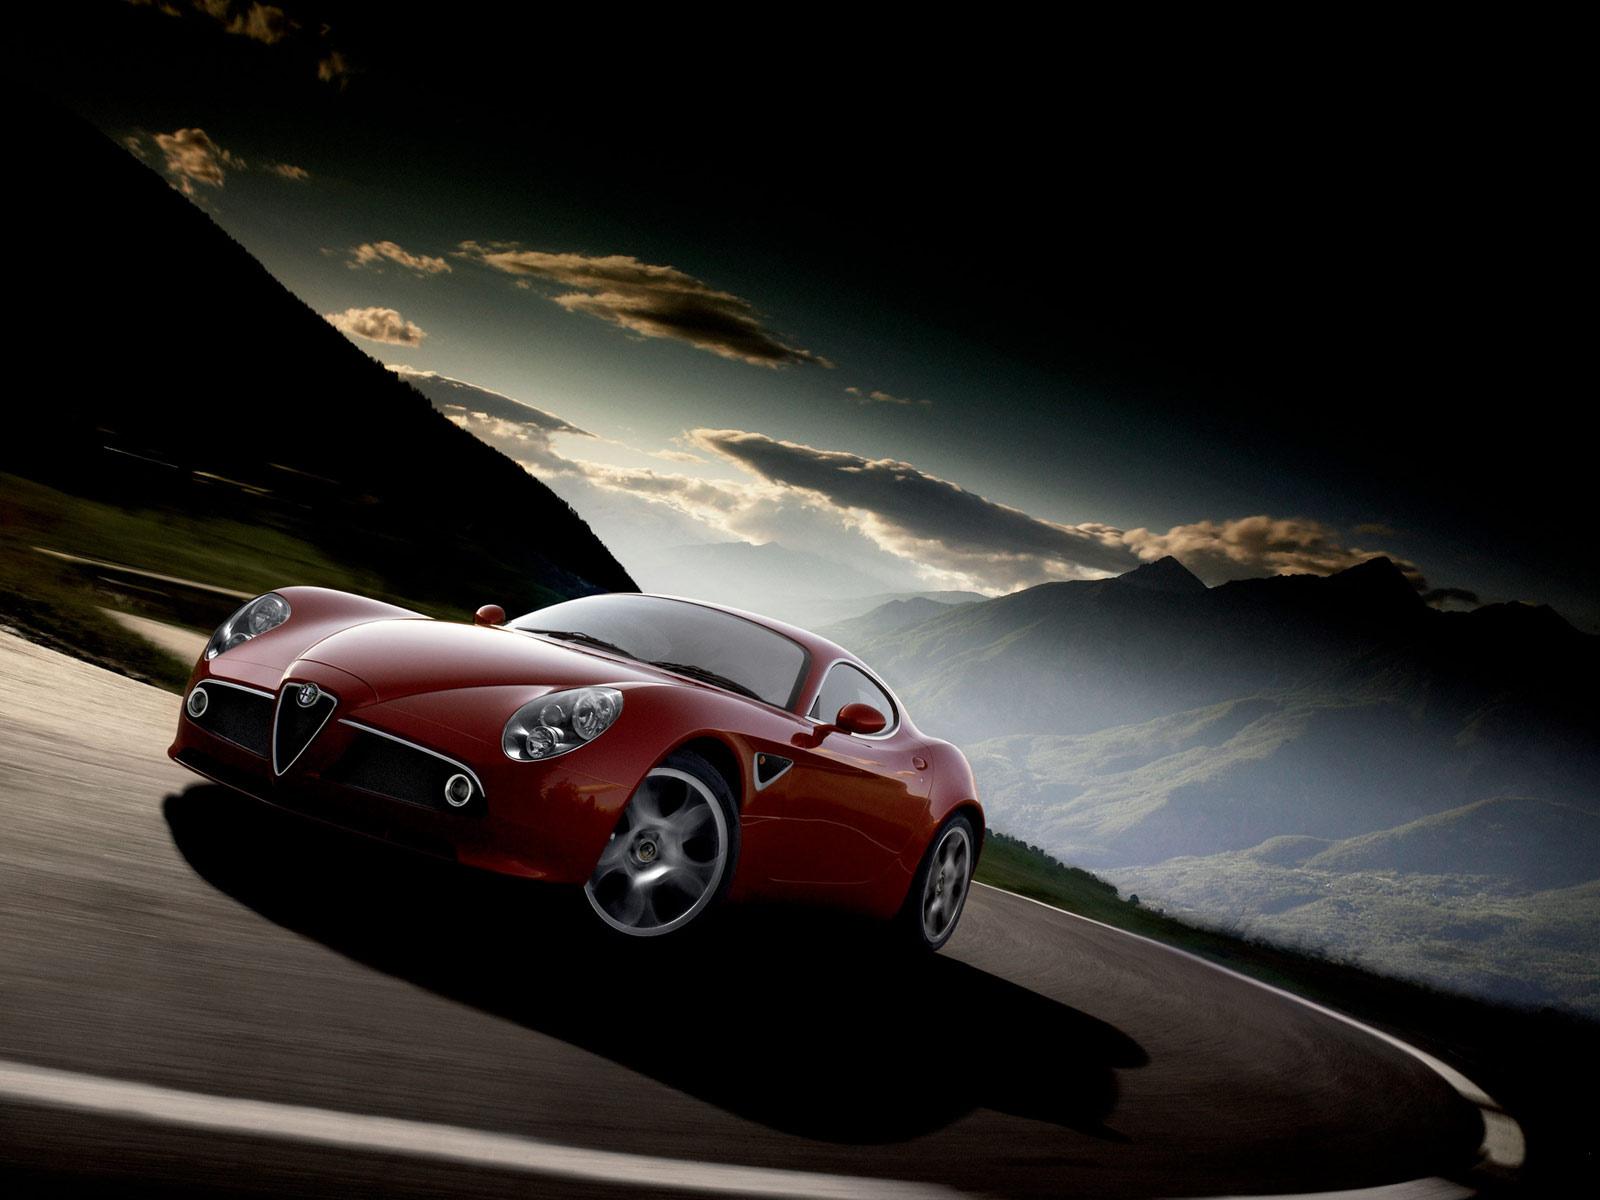 http://2.bp.blogspot.com/-Tu-AkQgMoL4/UAMZyXJ0aZI/AAAAAAAAAvQ/UGrMxac6f-c/s1600/cars_0004.jpg